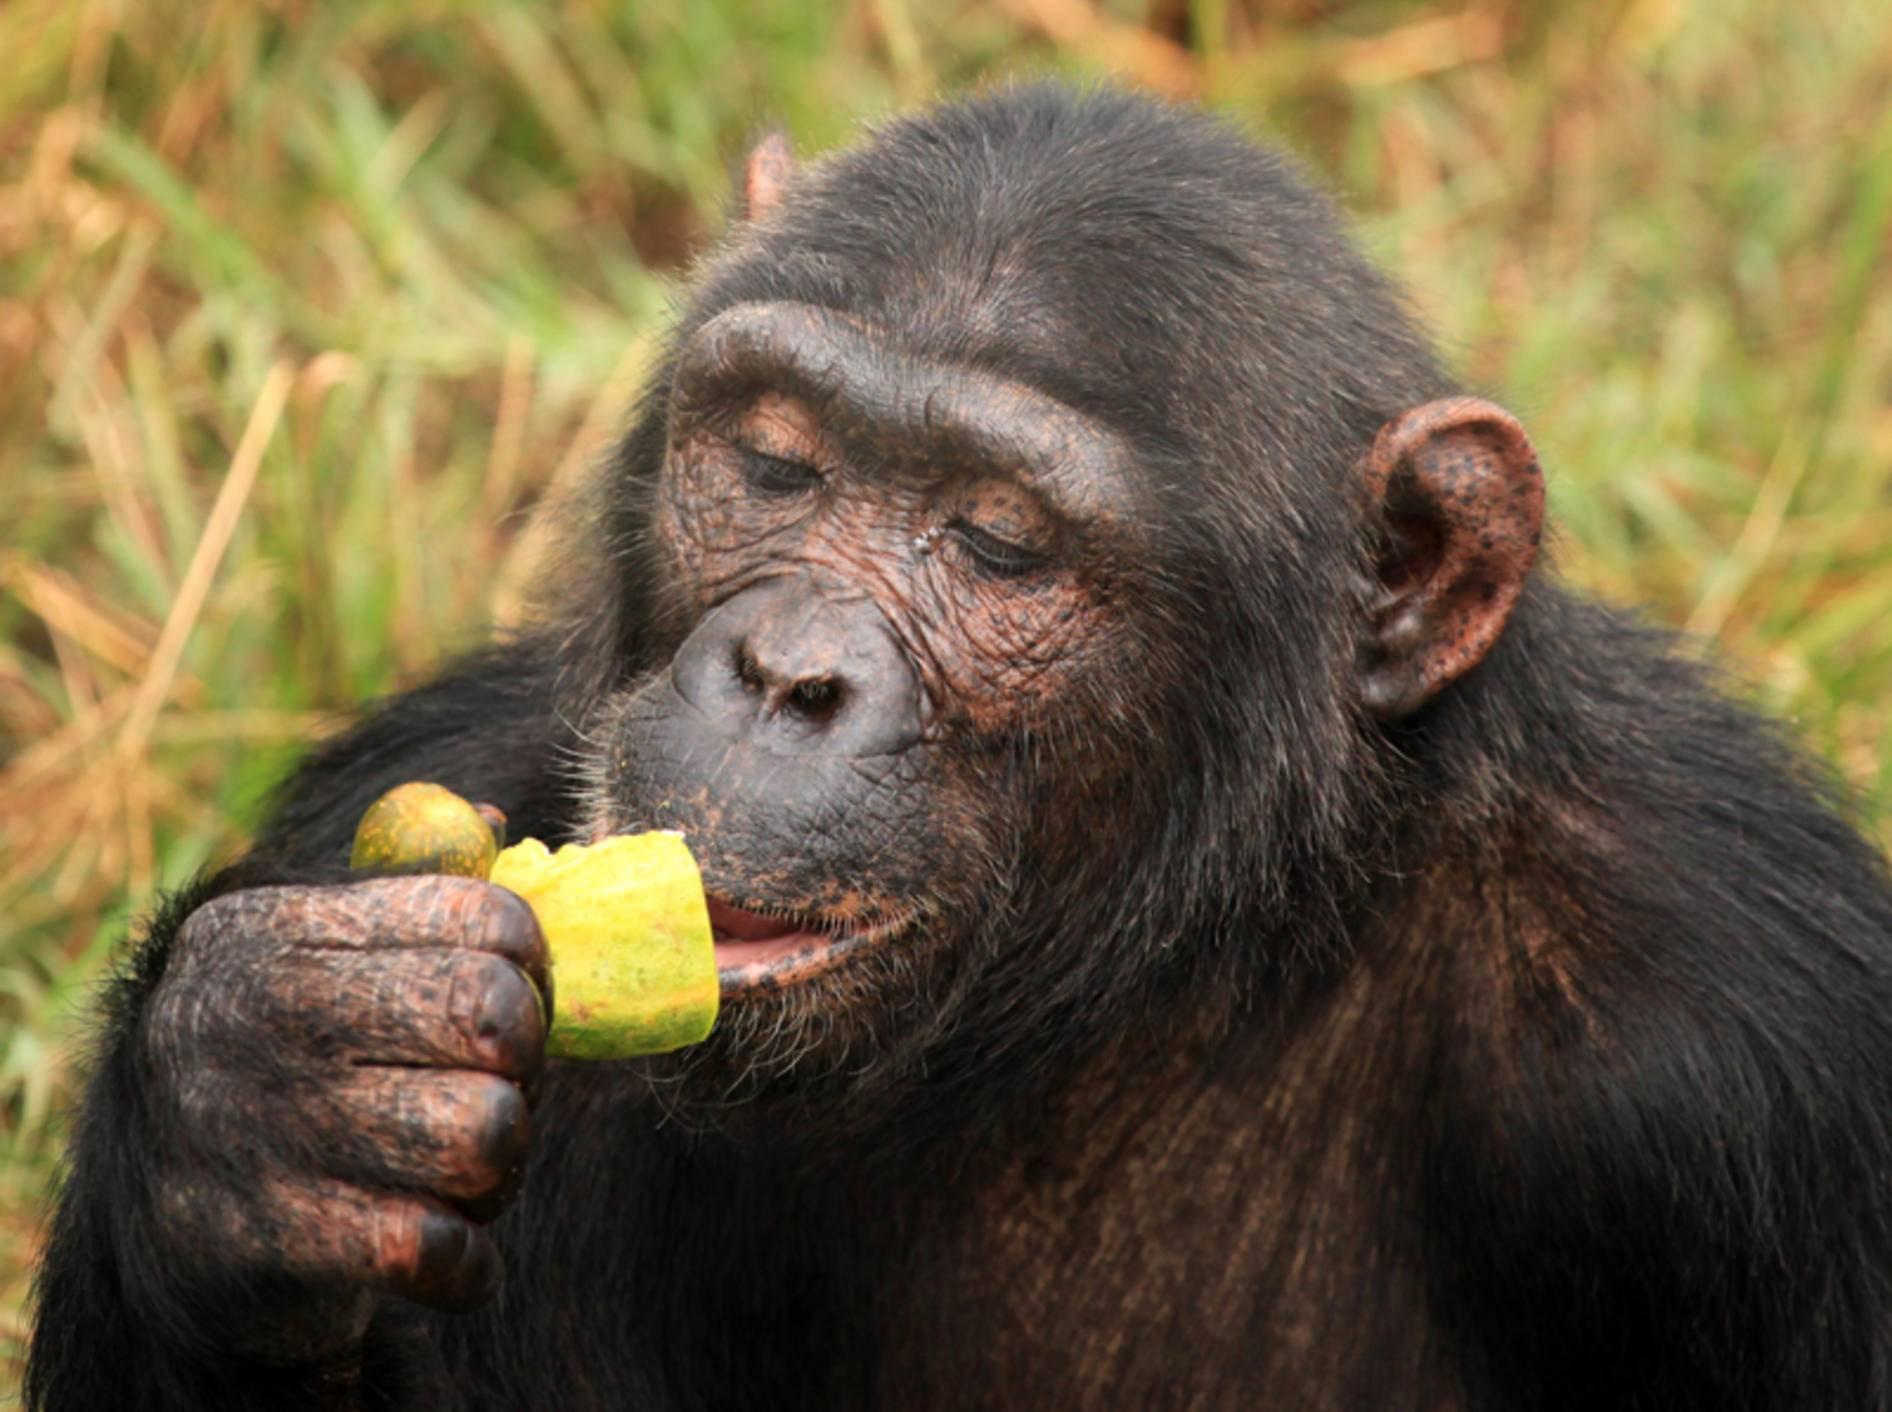 Schimpanse verdrückt ein Früchtchen. Vergorene Exemplare enthalten Ethanol